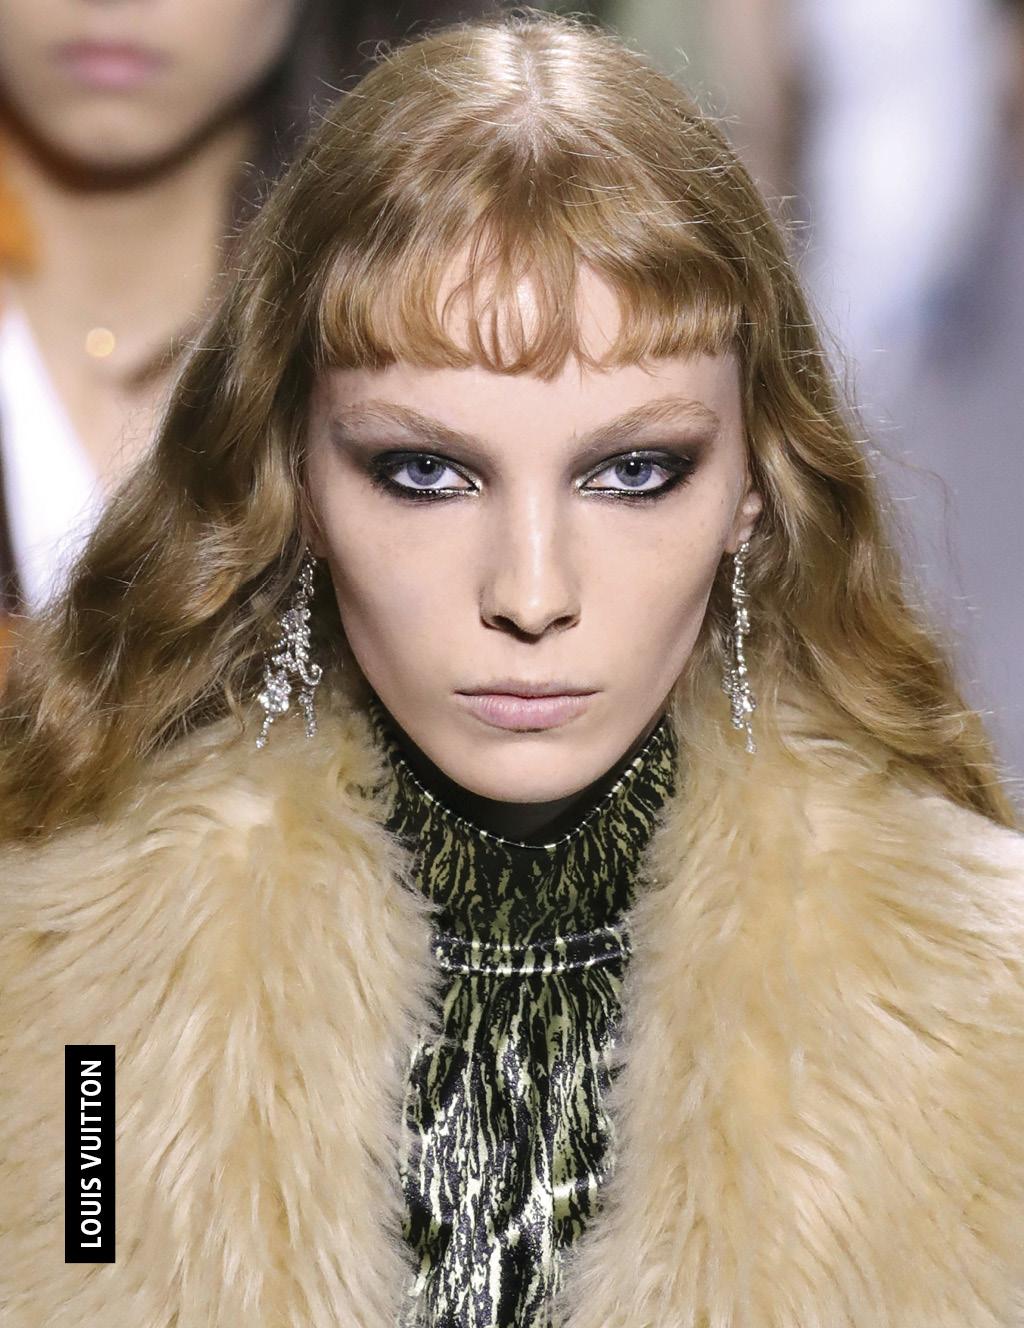 Louis-Vuitton_bty_W_F20_PA_001_3356887